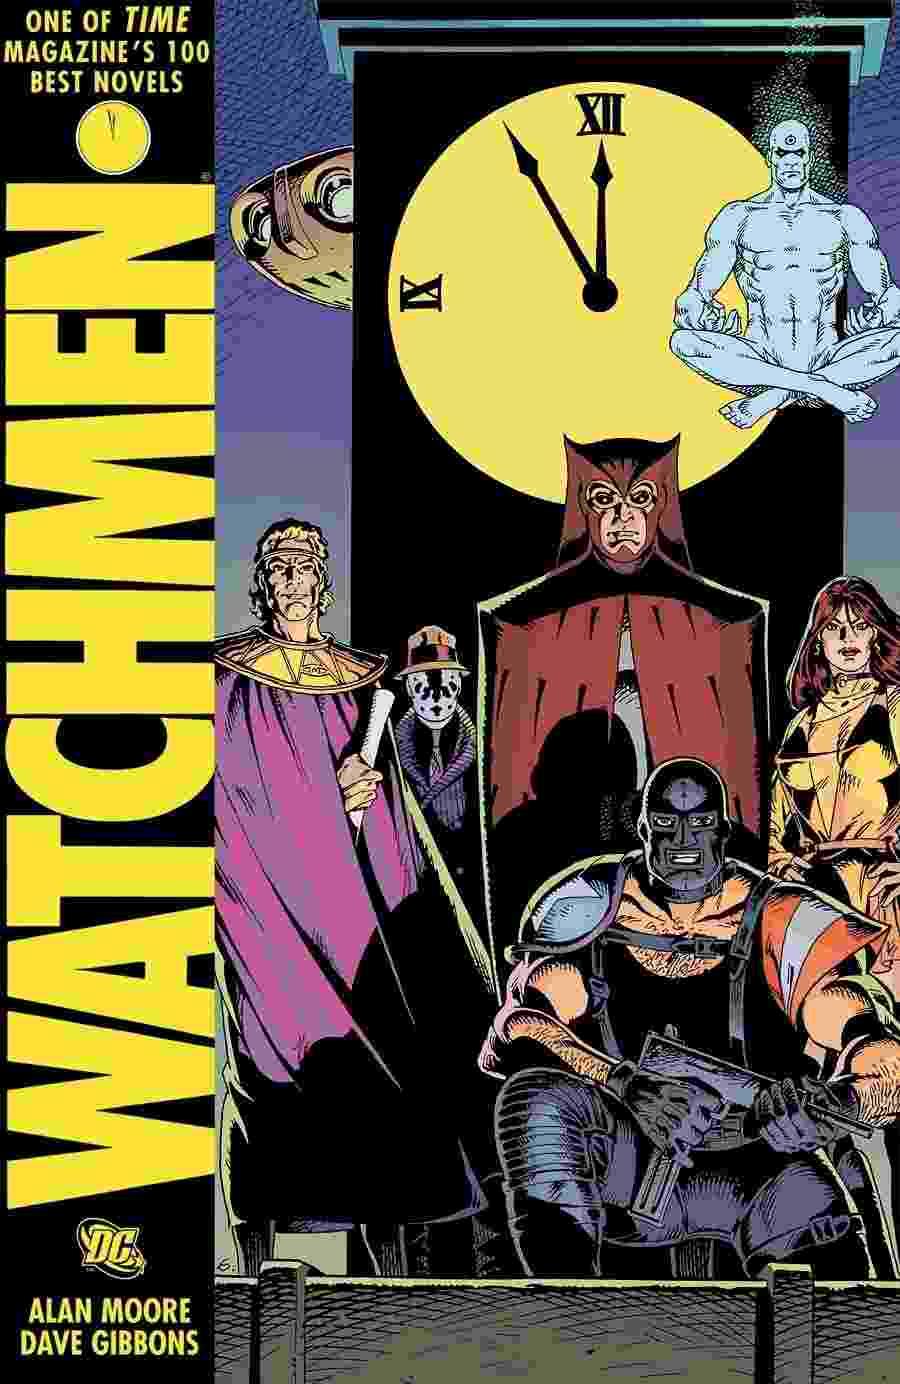 """""""WATCHMEN"""" - A série que ajudou a desmistificar os super-heróis, mostrando-os como seres (sobre)humanos vivendo no """"mundo real"""" - Reprodução"""